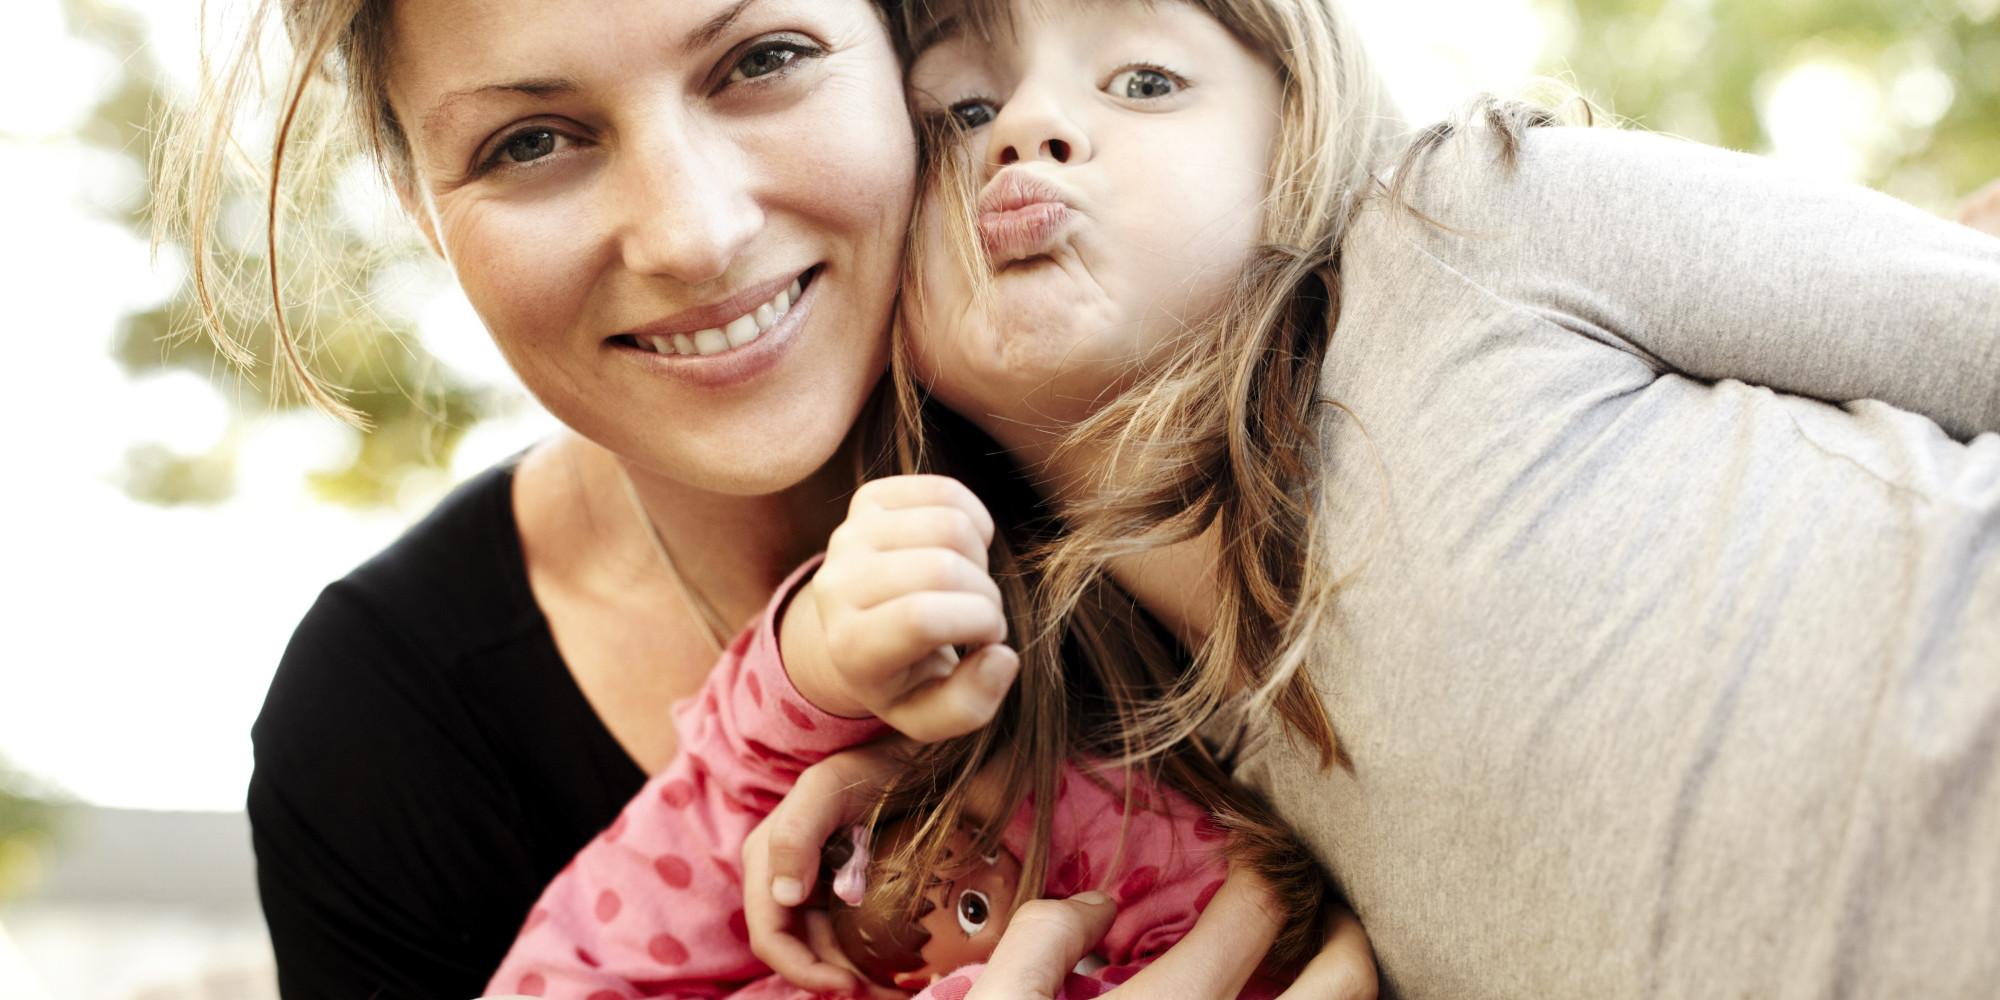 """Арсенал боевой мамы: Защита от """"добрых советов"""", """"как сделала бы я"""" и прочих подсказок по воспитанию вашего собственного ребенка"""